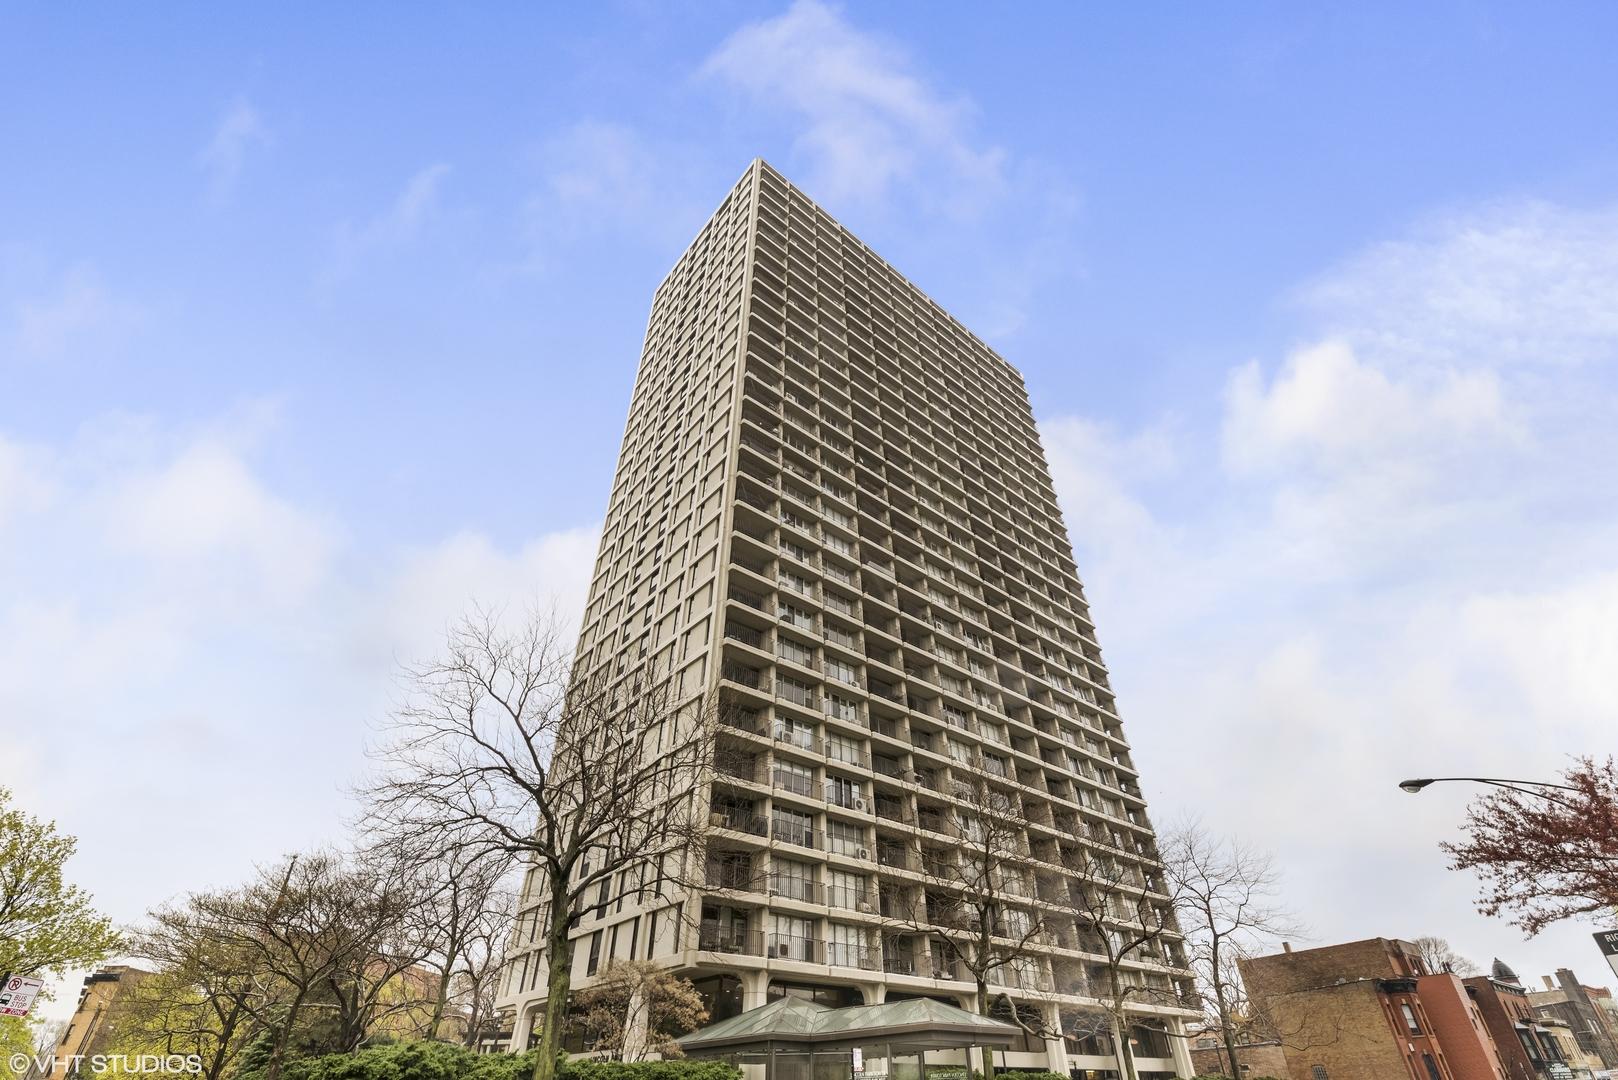 1960 N Lincoln Park West Unit 2611, Chicago IL 60614